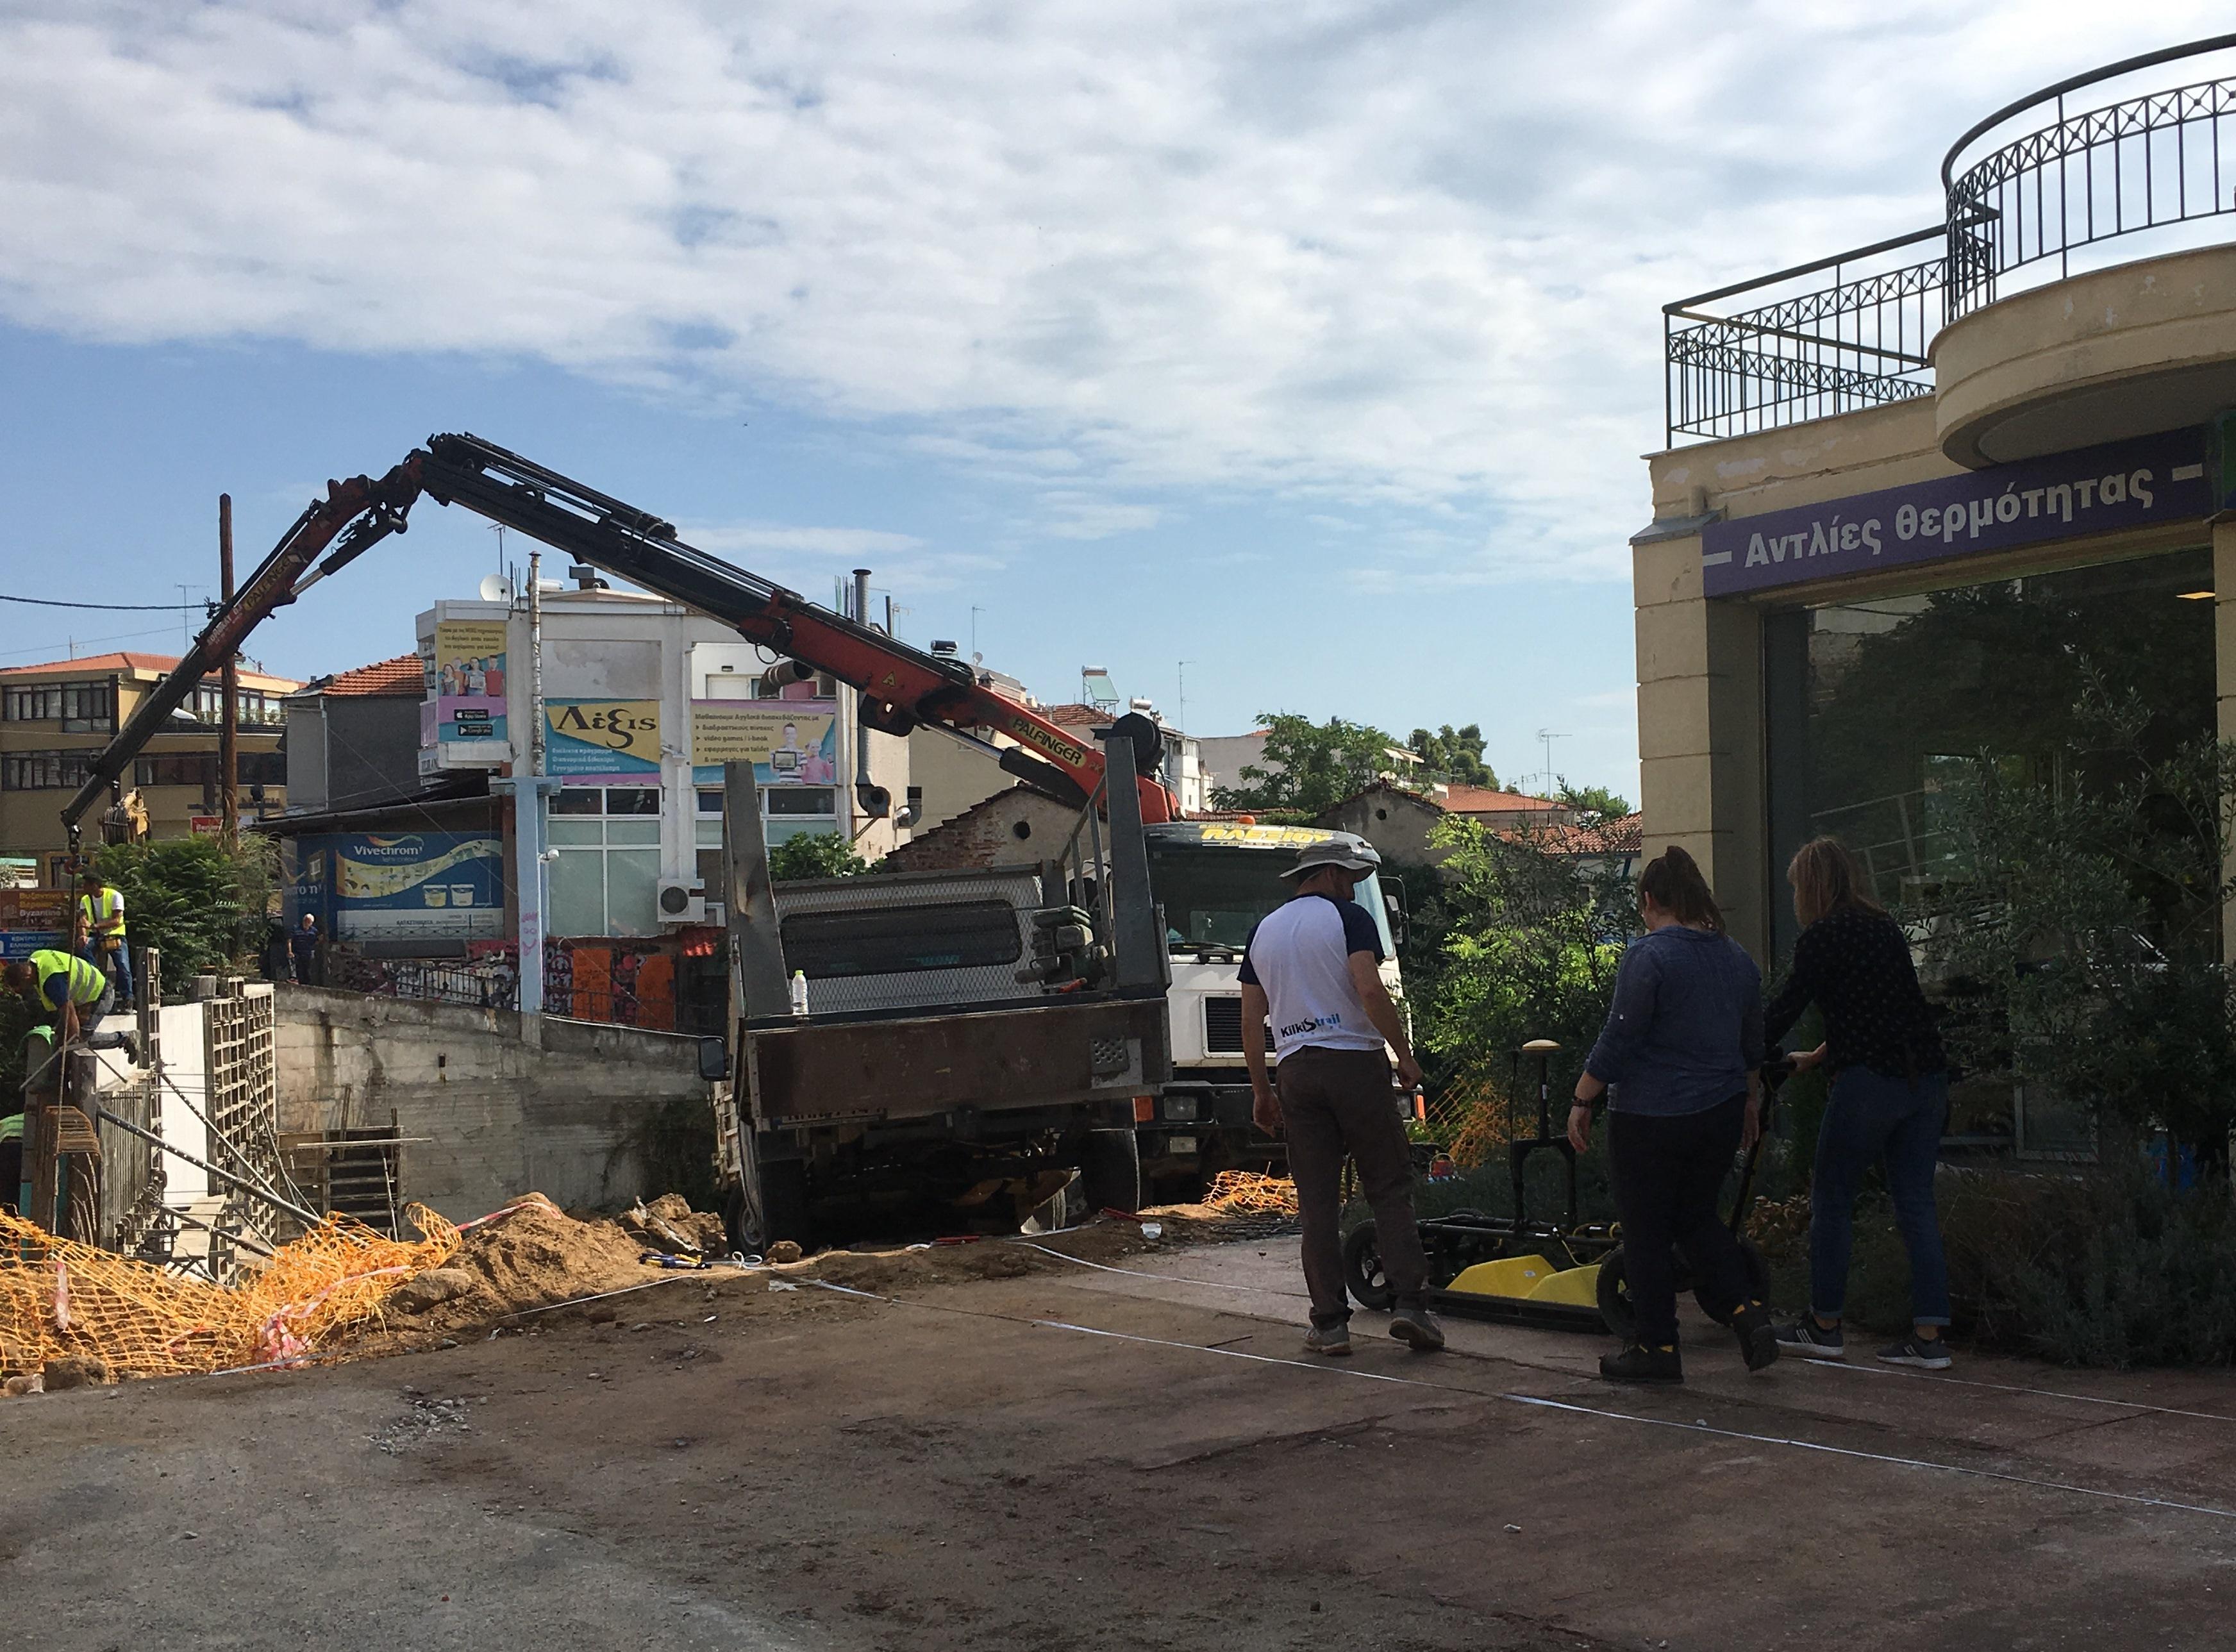 Δήμος Βέροιας: Προχωρούν με εντατικούς ρυθμούς οι εργασίες διαπλάτυνσης της οδού Πιερίων